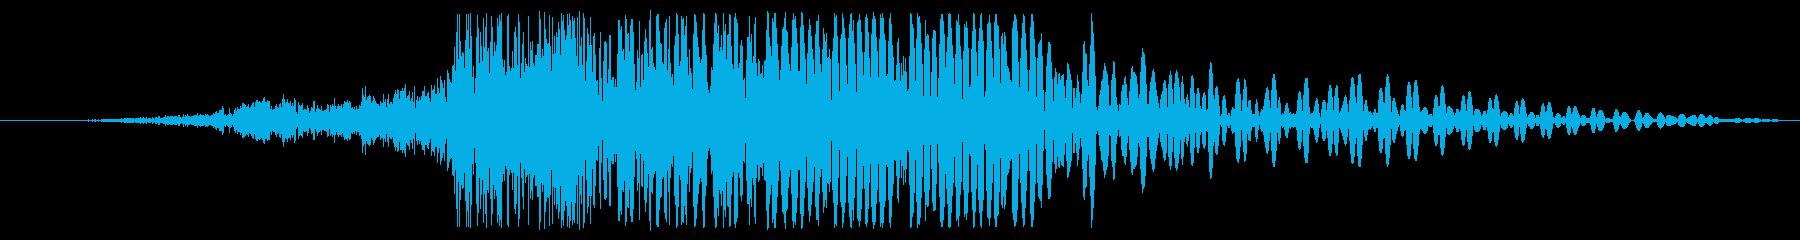 着信シンセの爆発的な影響を処理するの再生済みの波形